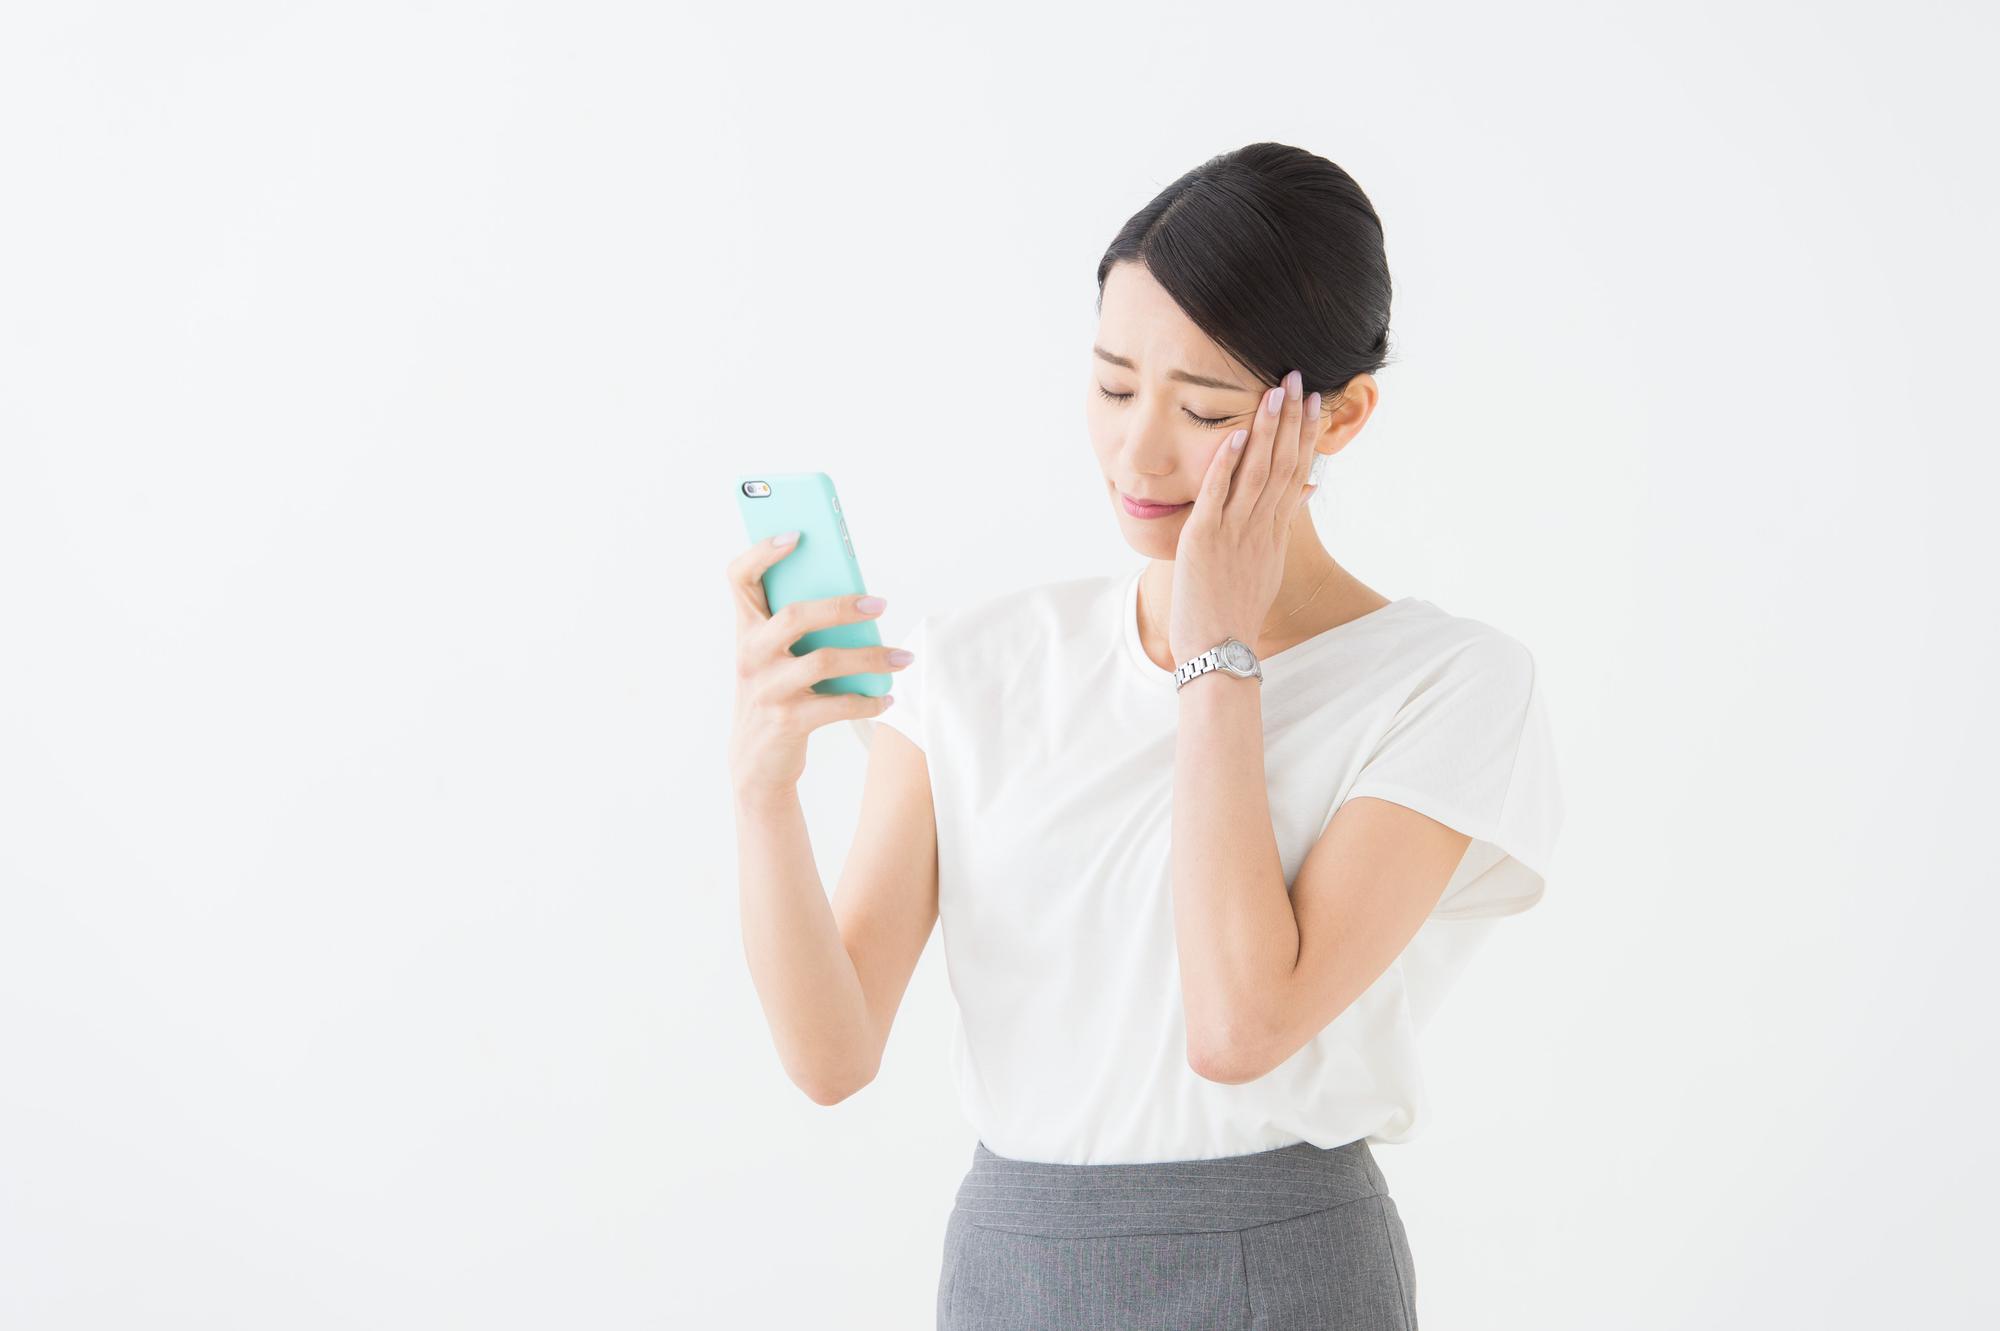 スマートフォンを持って考える女性